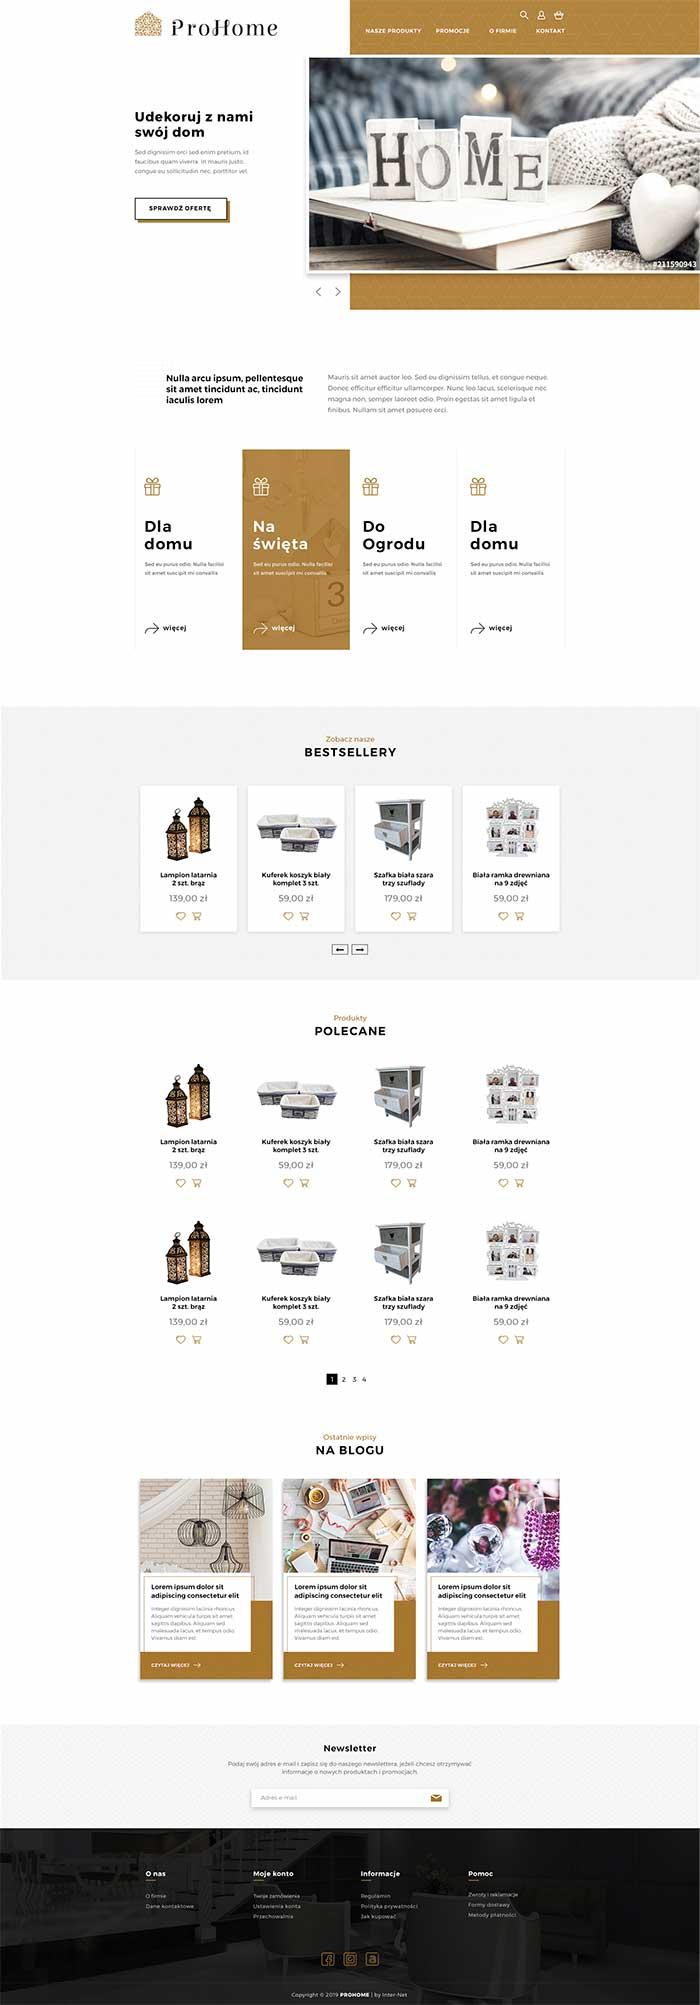 Strona główna sklepu internetowego Prohome